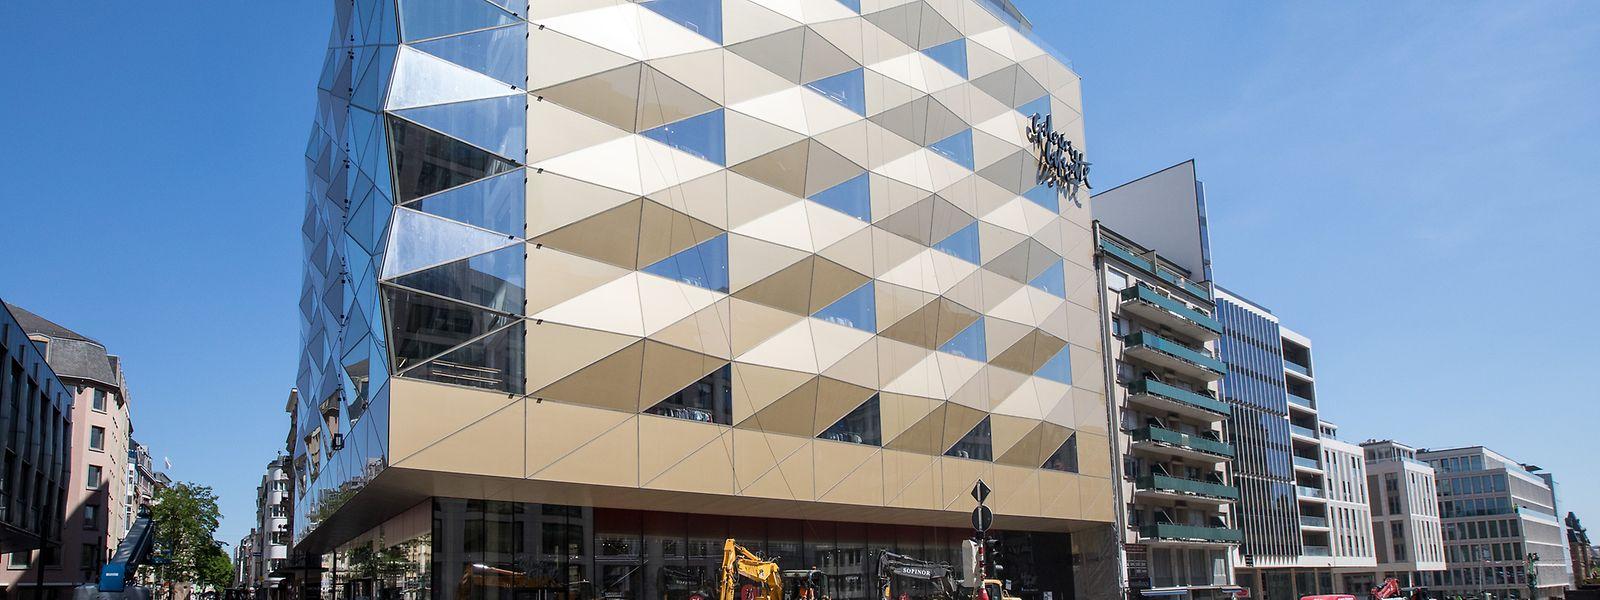 Seit einem Jahr haben Fnac, Delhaize und Galeries Lafayette ihre Türen geöffnet. Für das Panorama-Restaurant in den beiden oberen Stockwerken des Gebäudes mit der Goldfassade wird jetzt scheinbar ein neuer Mieter gesucht.